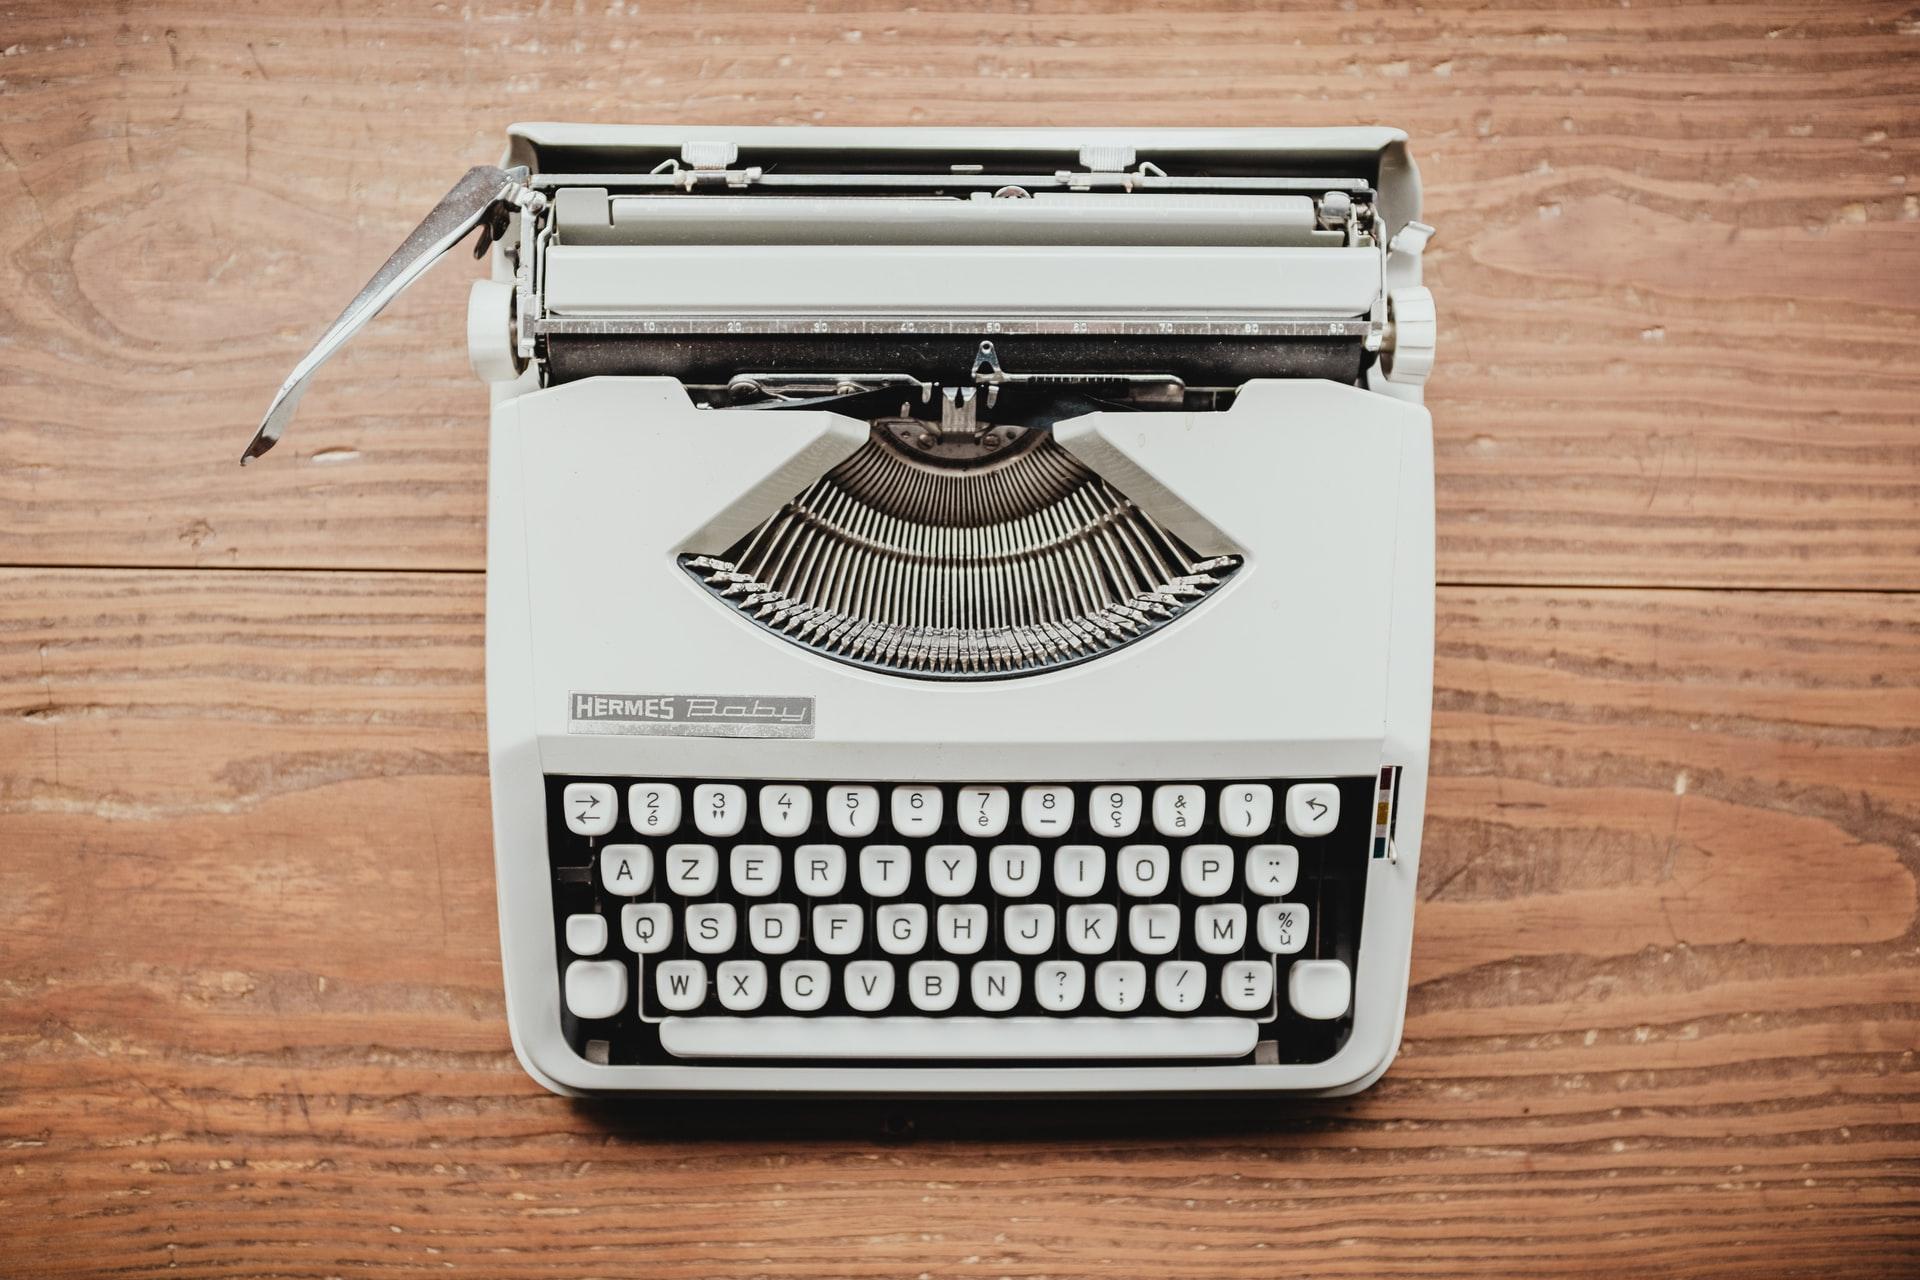 Eine Schreibmaschine auf einem Holztisch